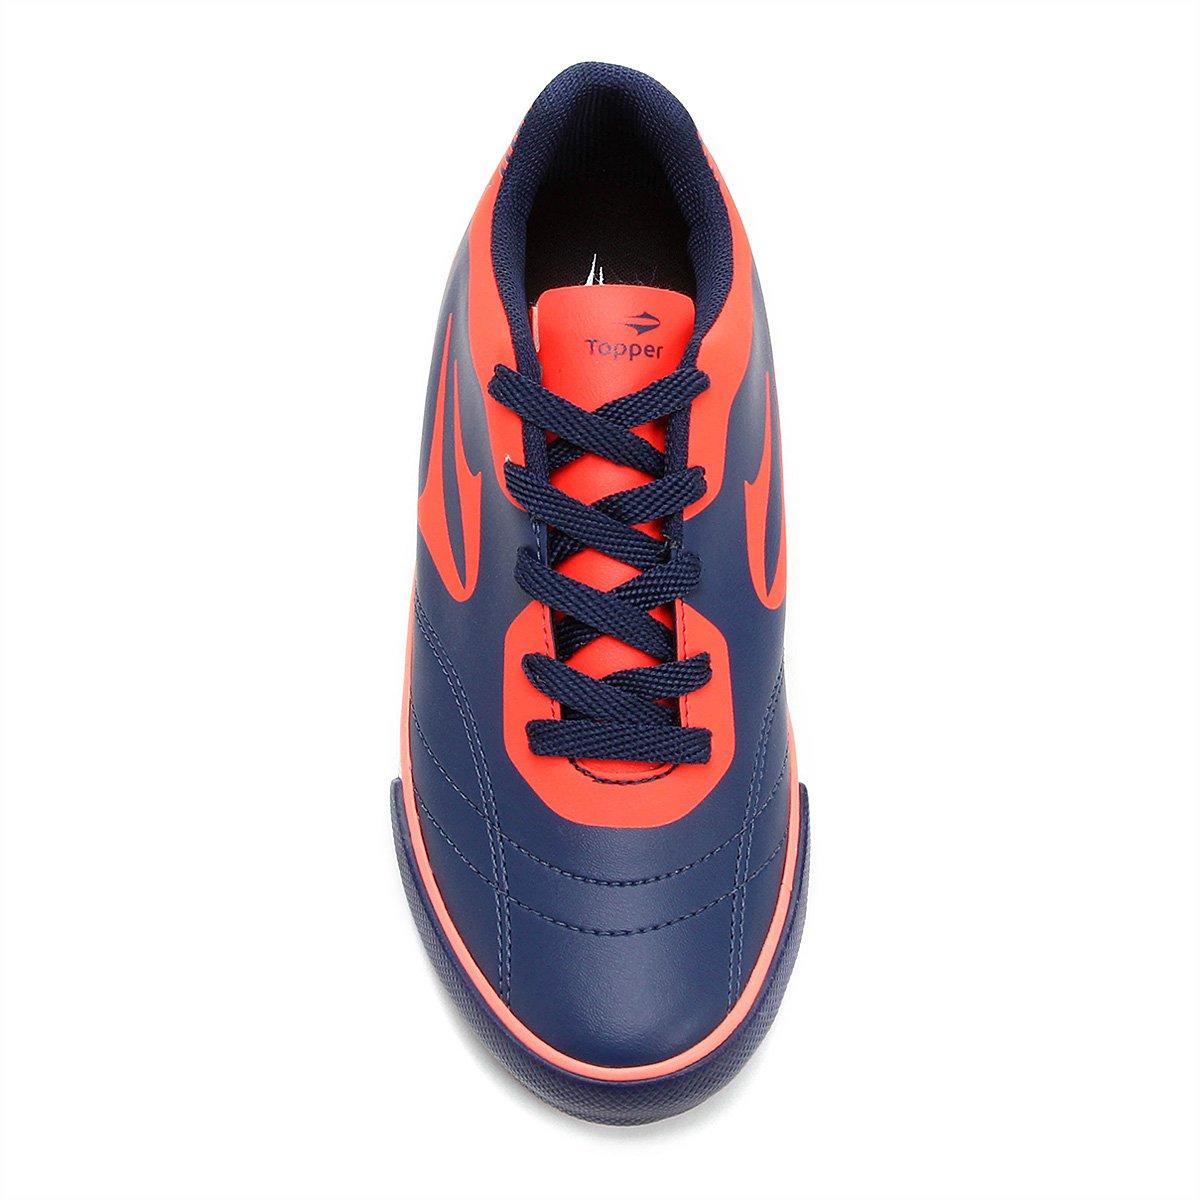 9868bb79b9b3c Chuteira Futsal Infantil Topper Frontier 8 Masculina - Compre Agora ...